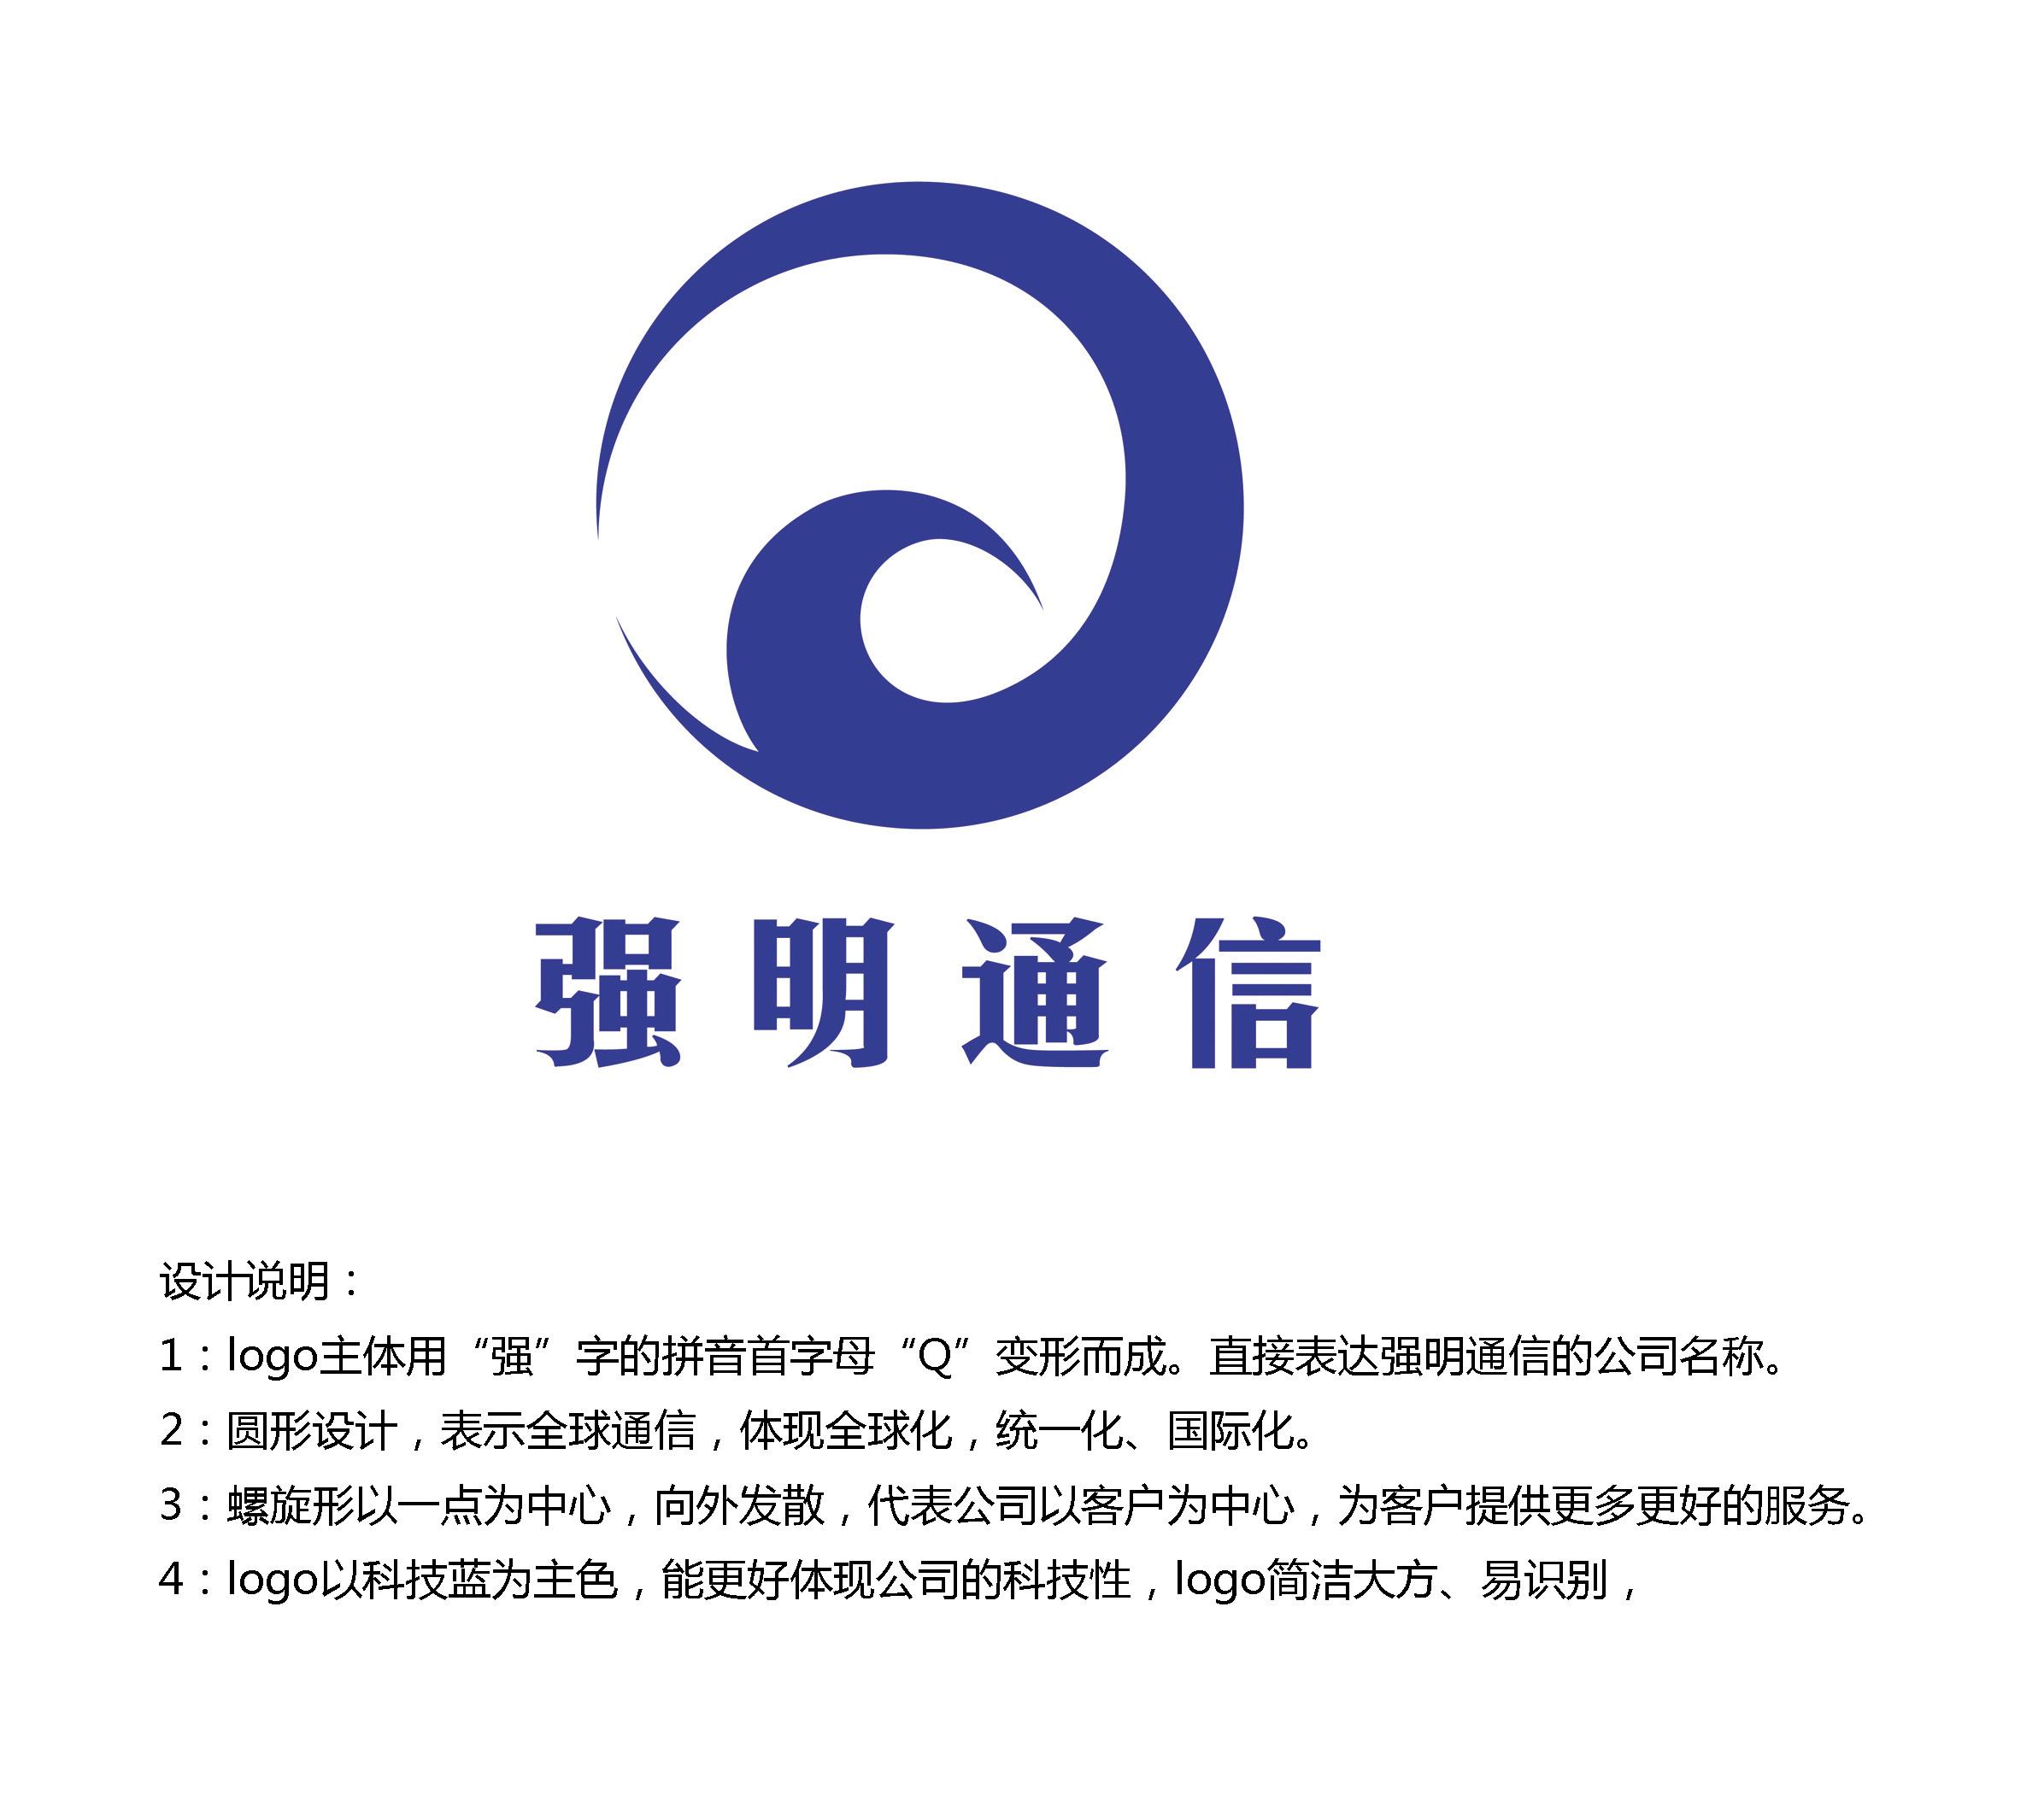 强明通信系统logo设计说明.jpg(432.26k)